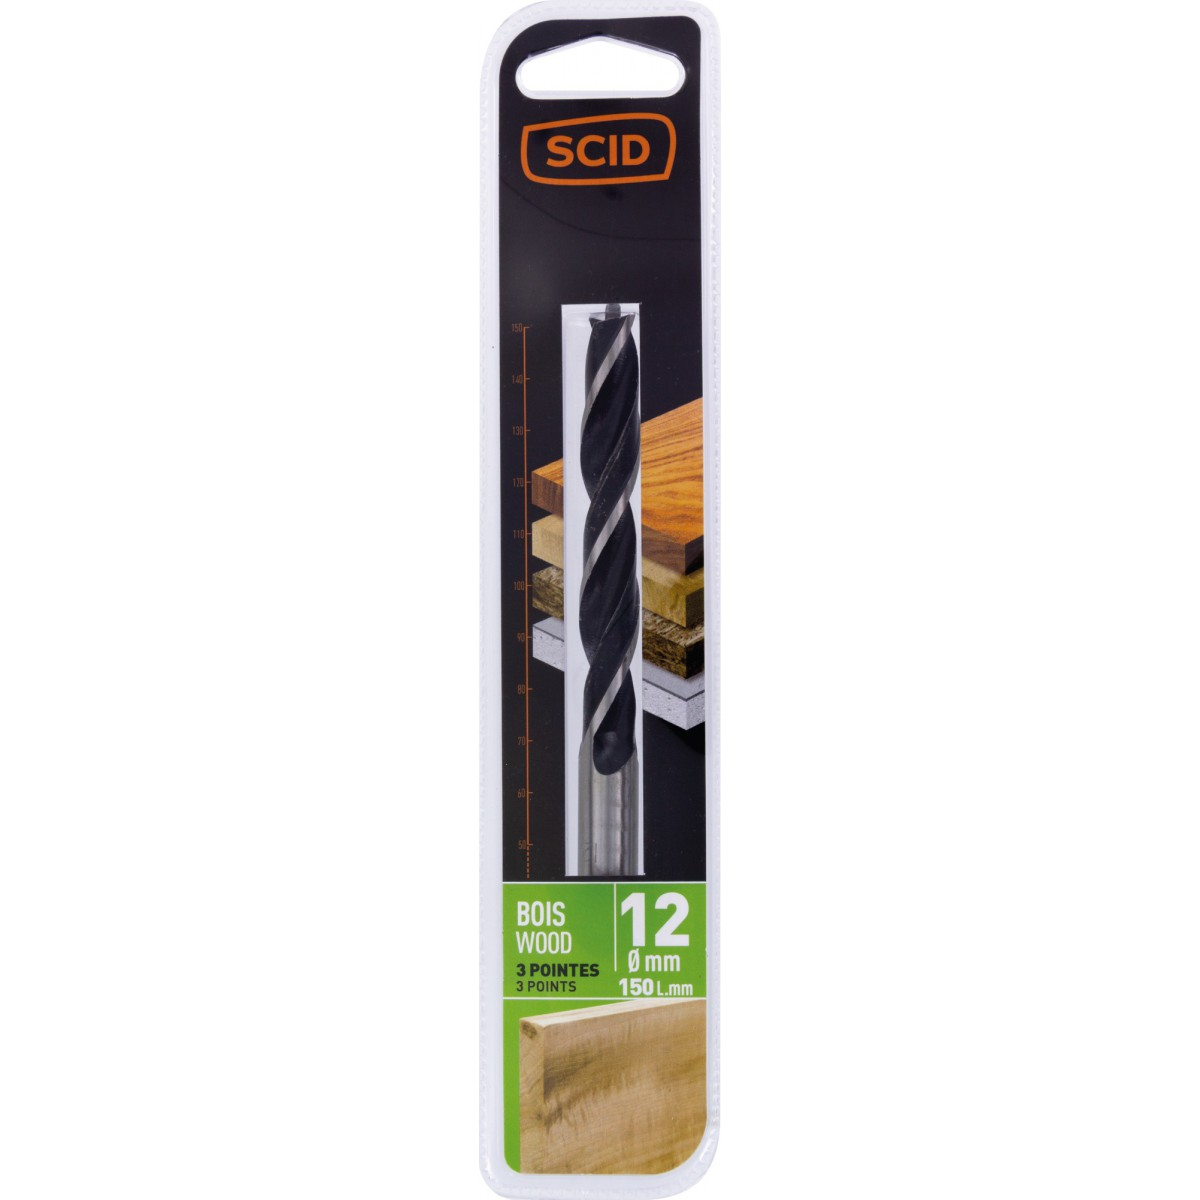 Mèche à bois 3 pointes SCID - Longueur 150 mm - Diamètre 12 mm